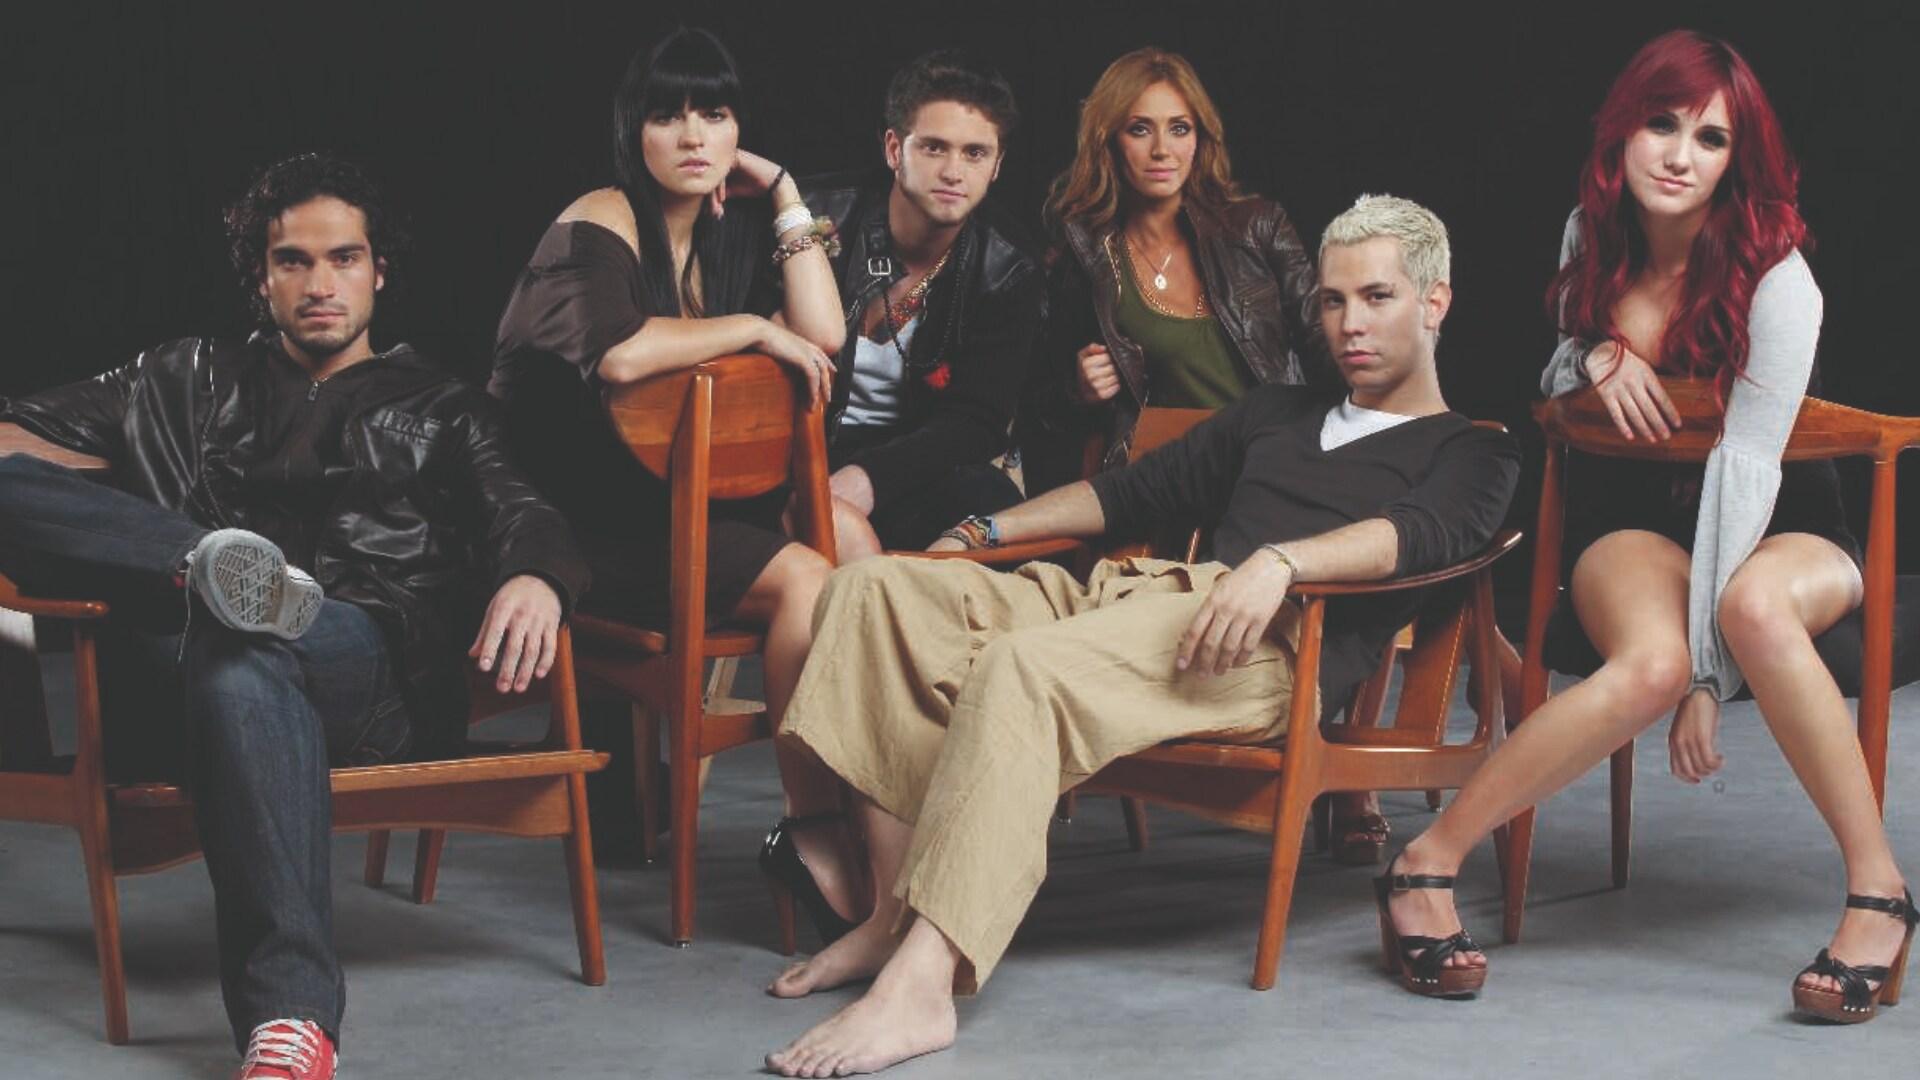 Los videos y la música de RBD ahora disponibles